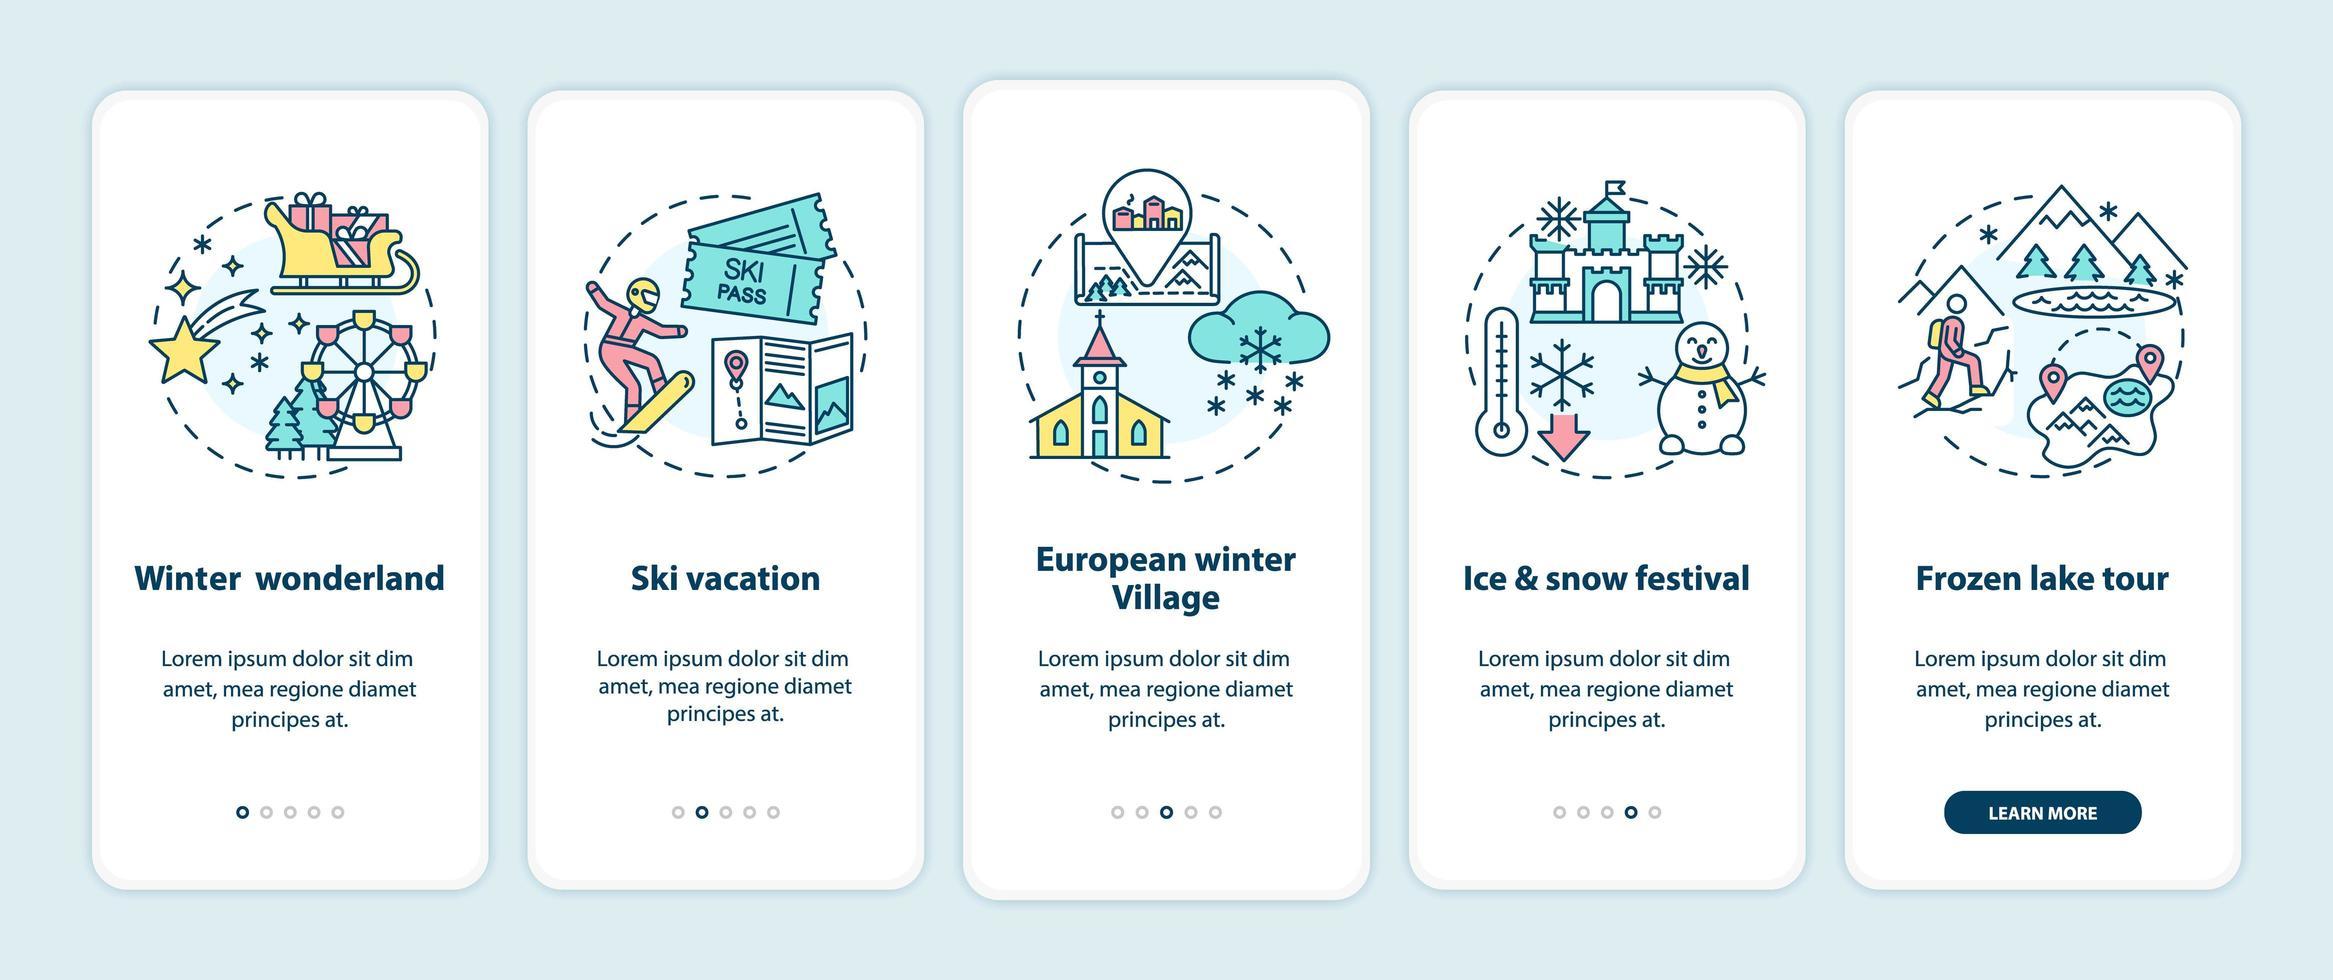 lugares de vacaciones de invierno incorporando la pantalla de la página de la aplicación móvil con conceptos vector